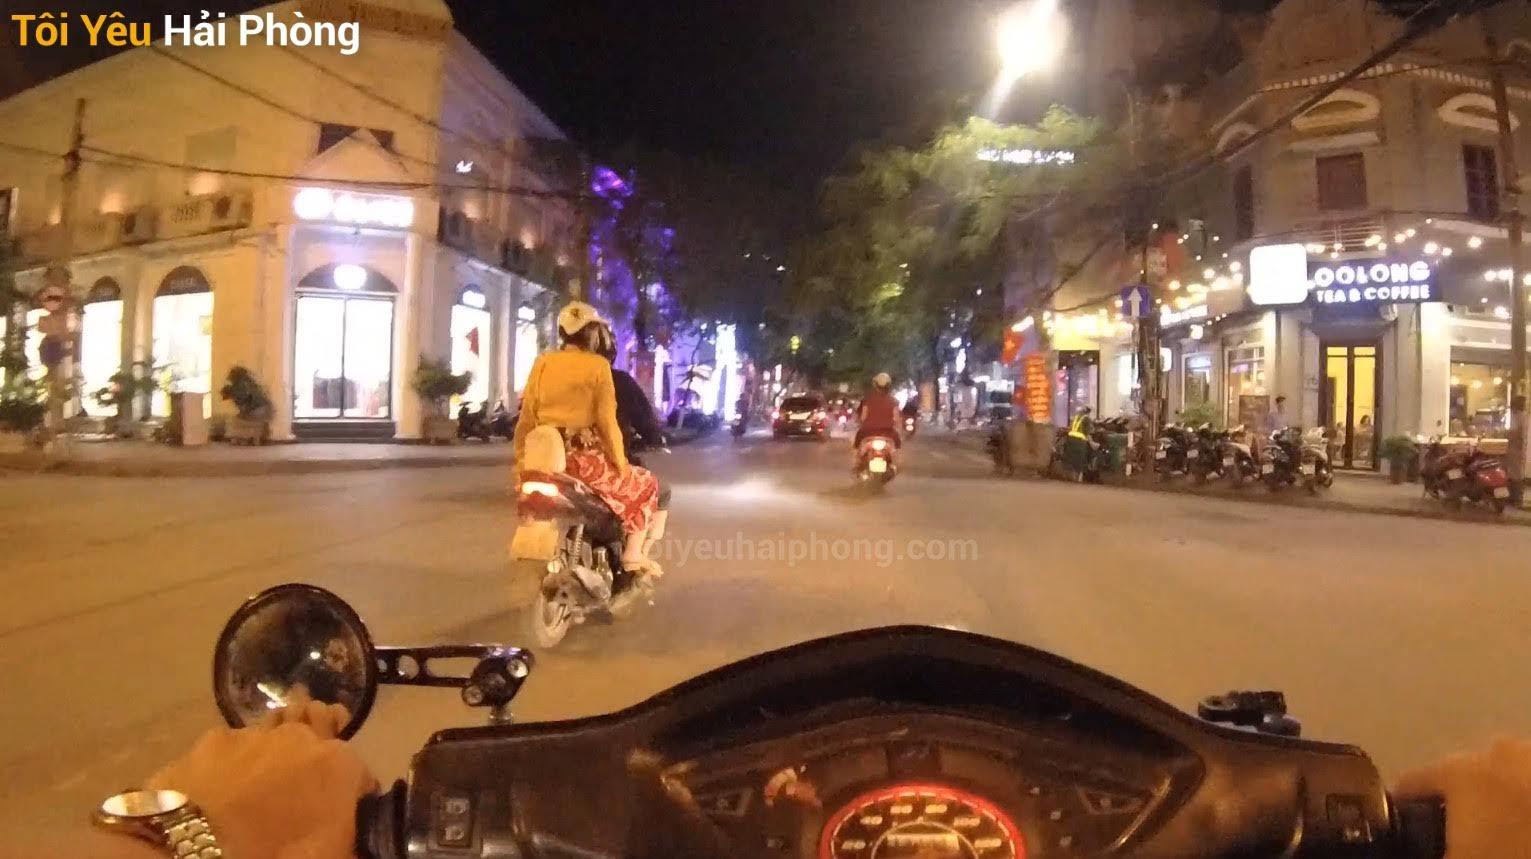 Buổi tối dạo phố Hoàng Văn Thụ ở Hải Phòng